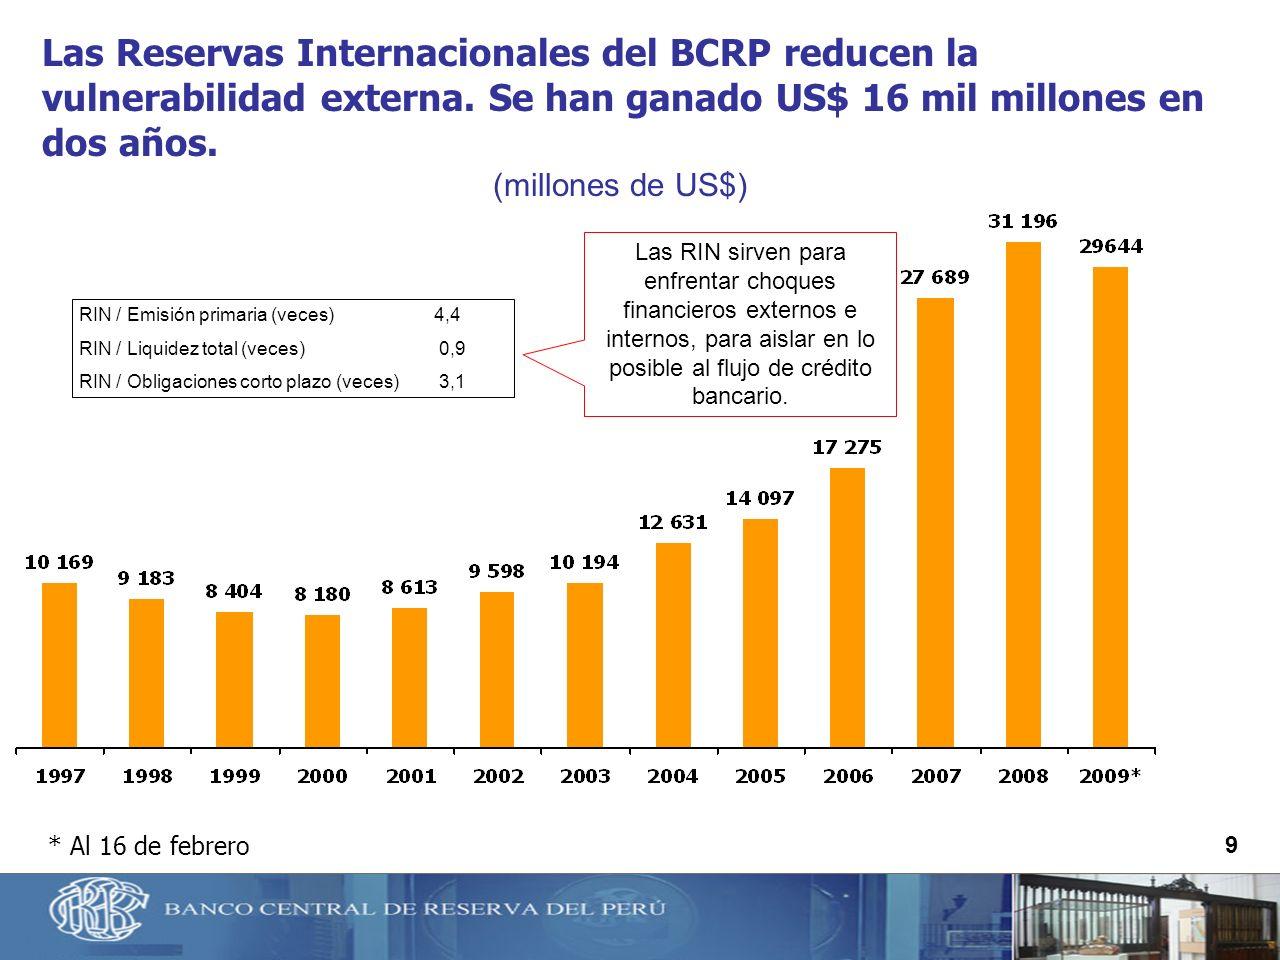 Las Reservas Internacionales del BCRP reducen la vulnerabilidad externa. Se han ganado US$ 16 mil millones en dos años.